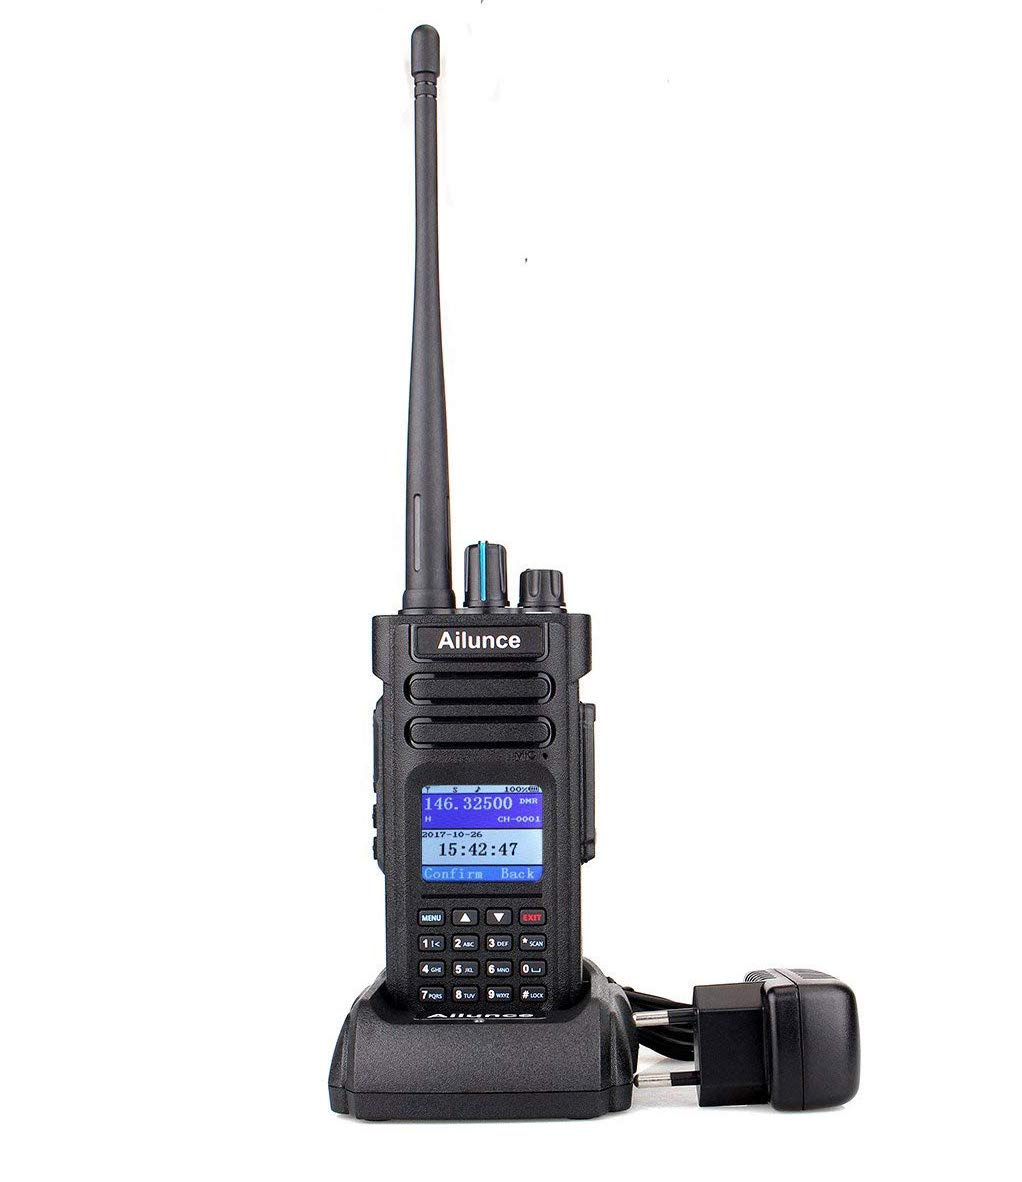 Ailunce HD1 DMR Radio Talkie Walkie Numérique Double Bande Radio Amateur IP67 Étanche FM Radio Compatible avec MOTOTRBO Tier Ⅰ&Ⅱ (Noir)